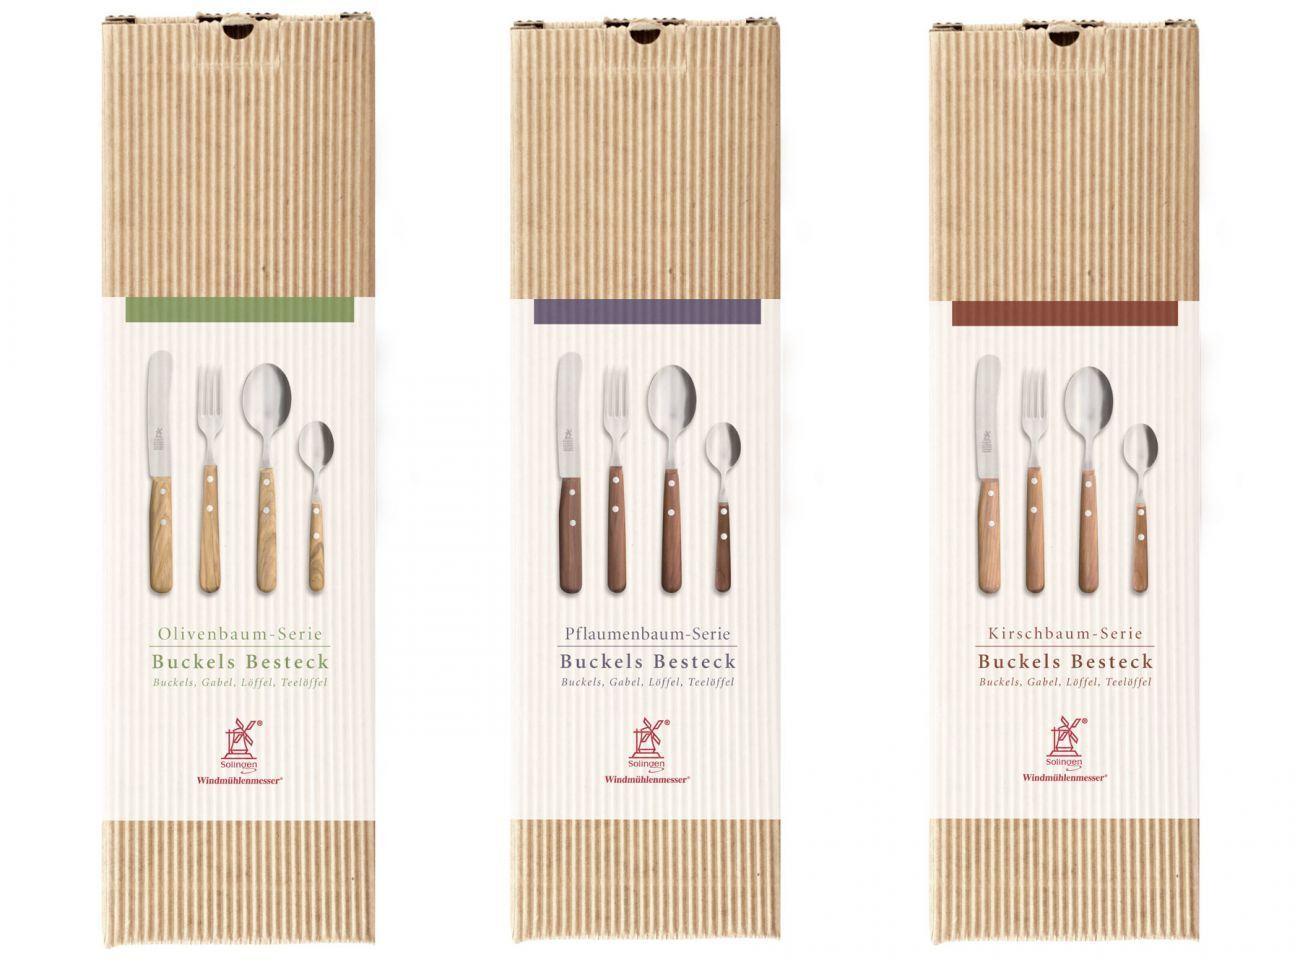 Les moulins à vent couteau Bosse Table Couverts Set cerise prune Olive Robert Herder